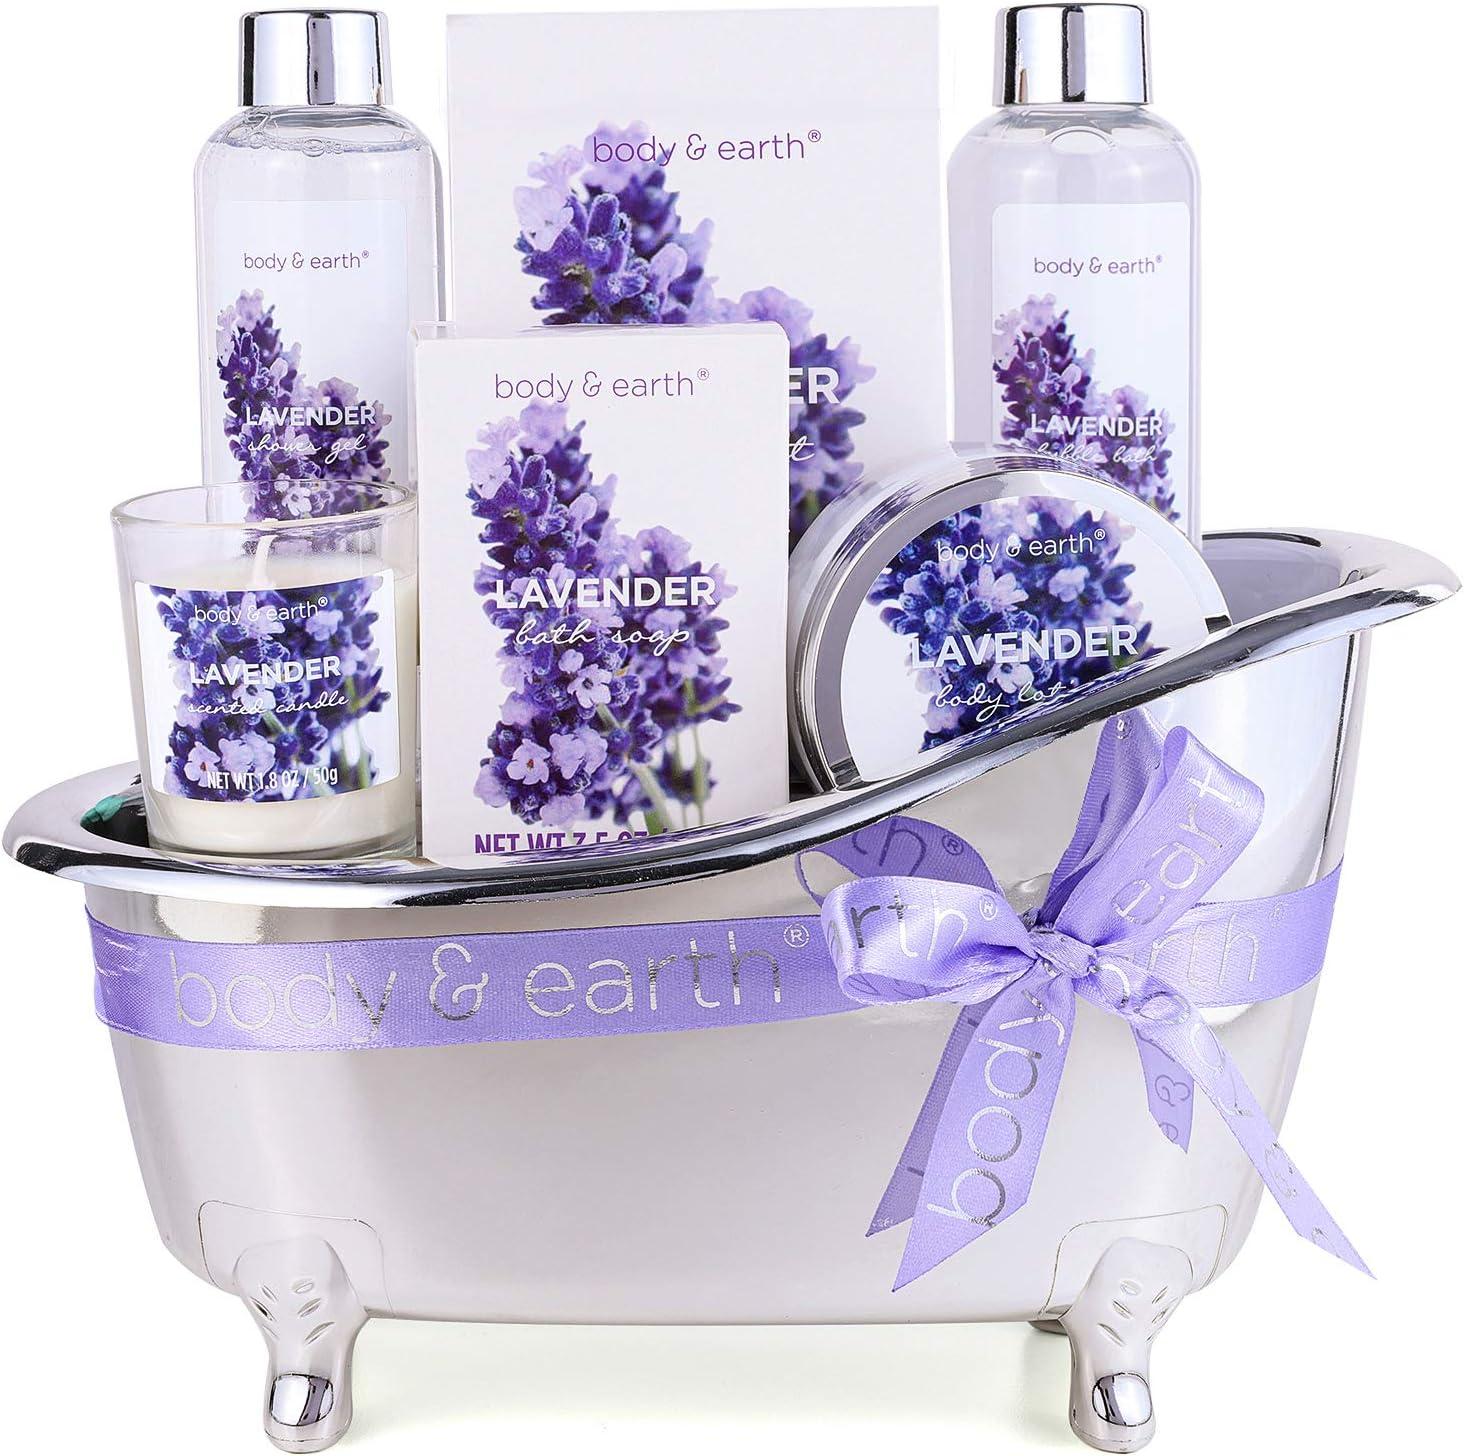 Gift mart Basket for Women - Spa Baskets Bath Set Max 56% OFF Bod